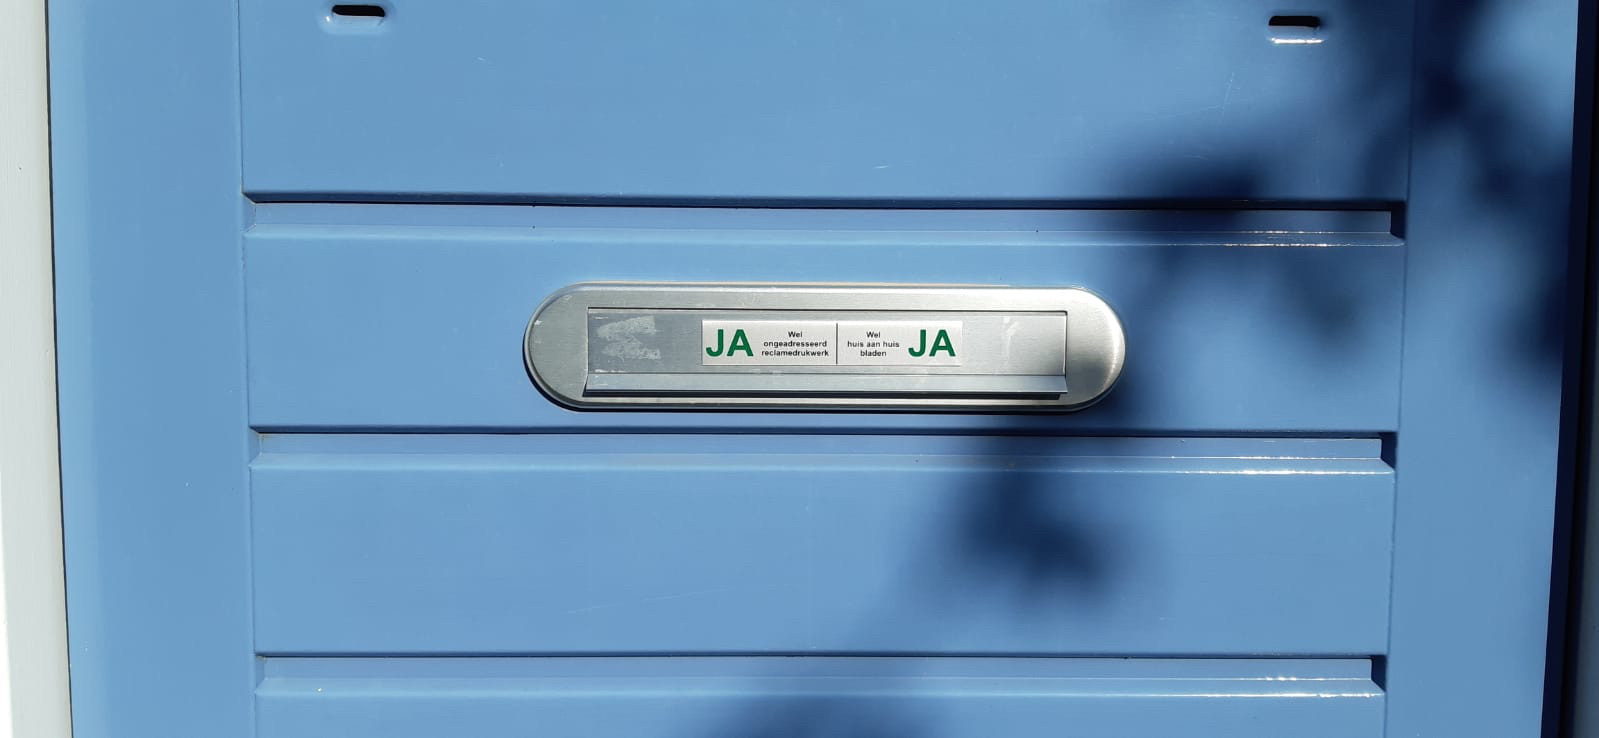 De ja-ja sticker. Foto: D. van Dijk